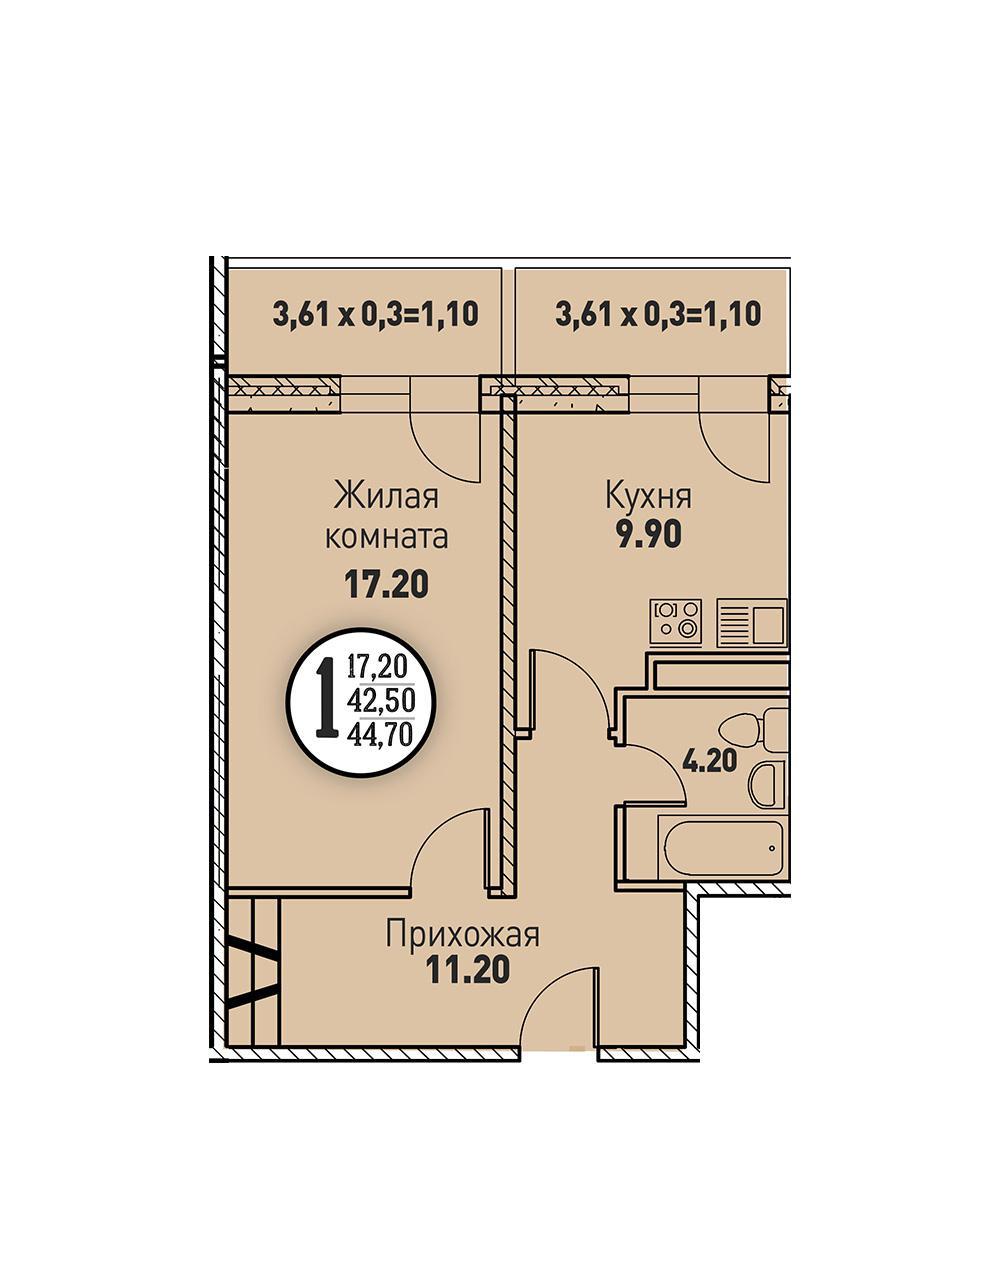 ЖК «Цветы» Квартира 44,7 (Ипотека 7,4)